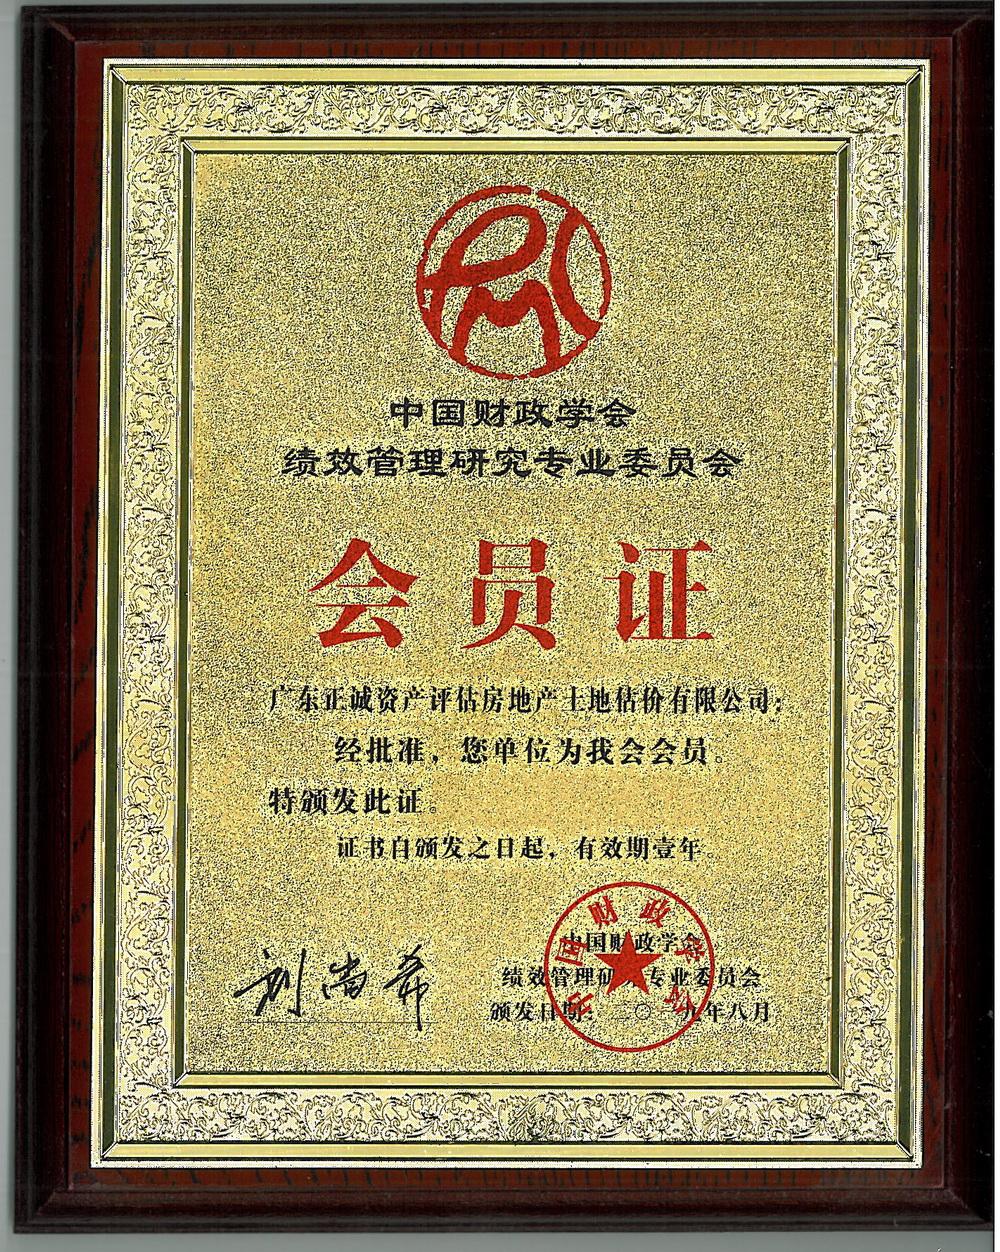 中国财政学会绩效管理研究专业委员会会员证